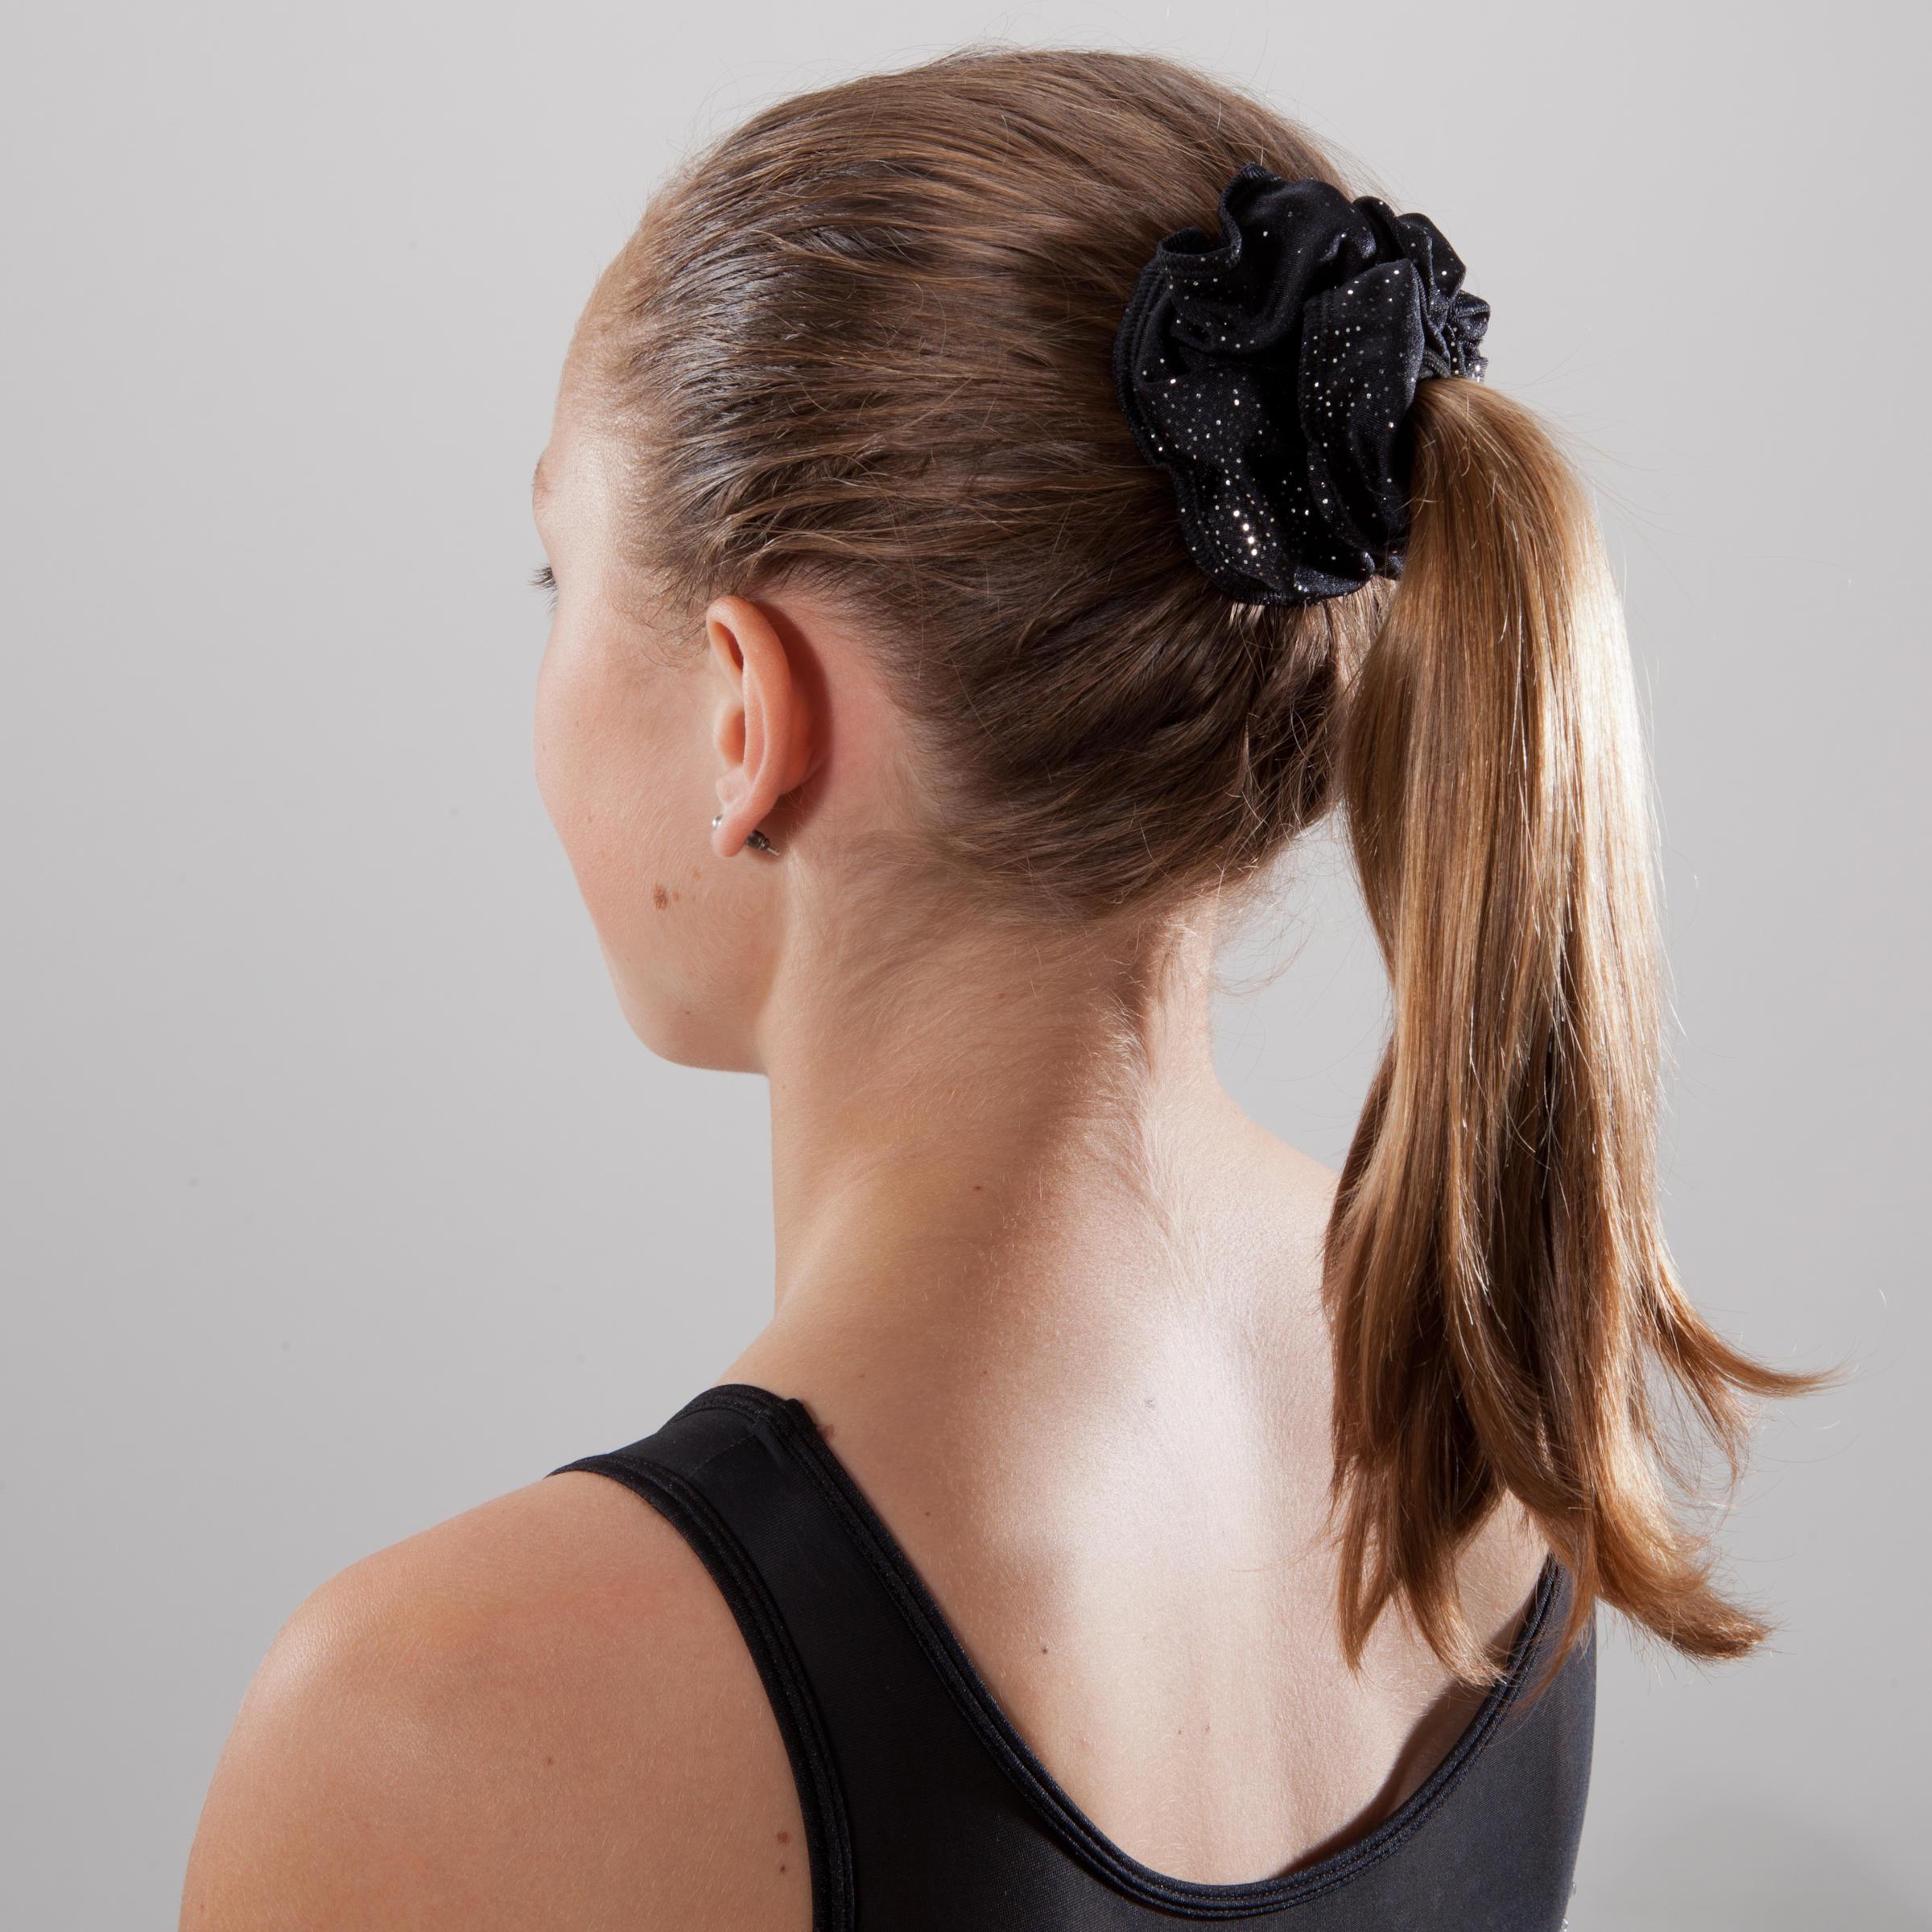 Girls' Artistic Gymnastics Scrunchie